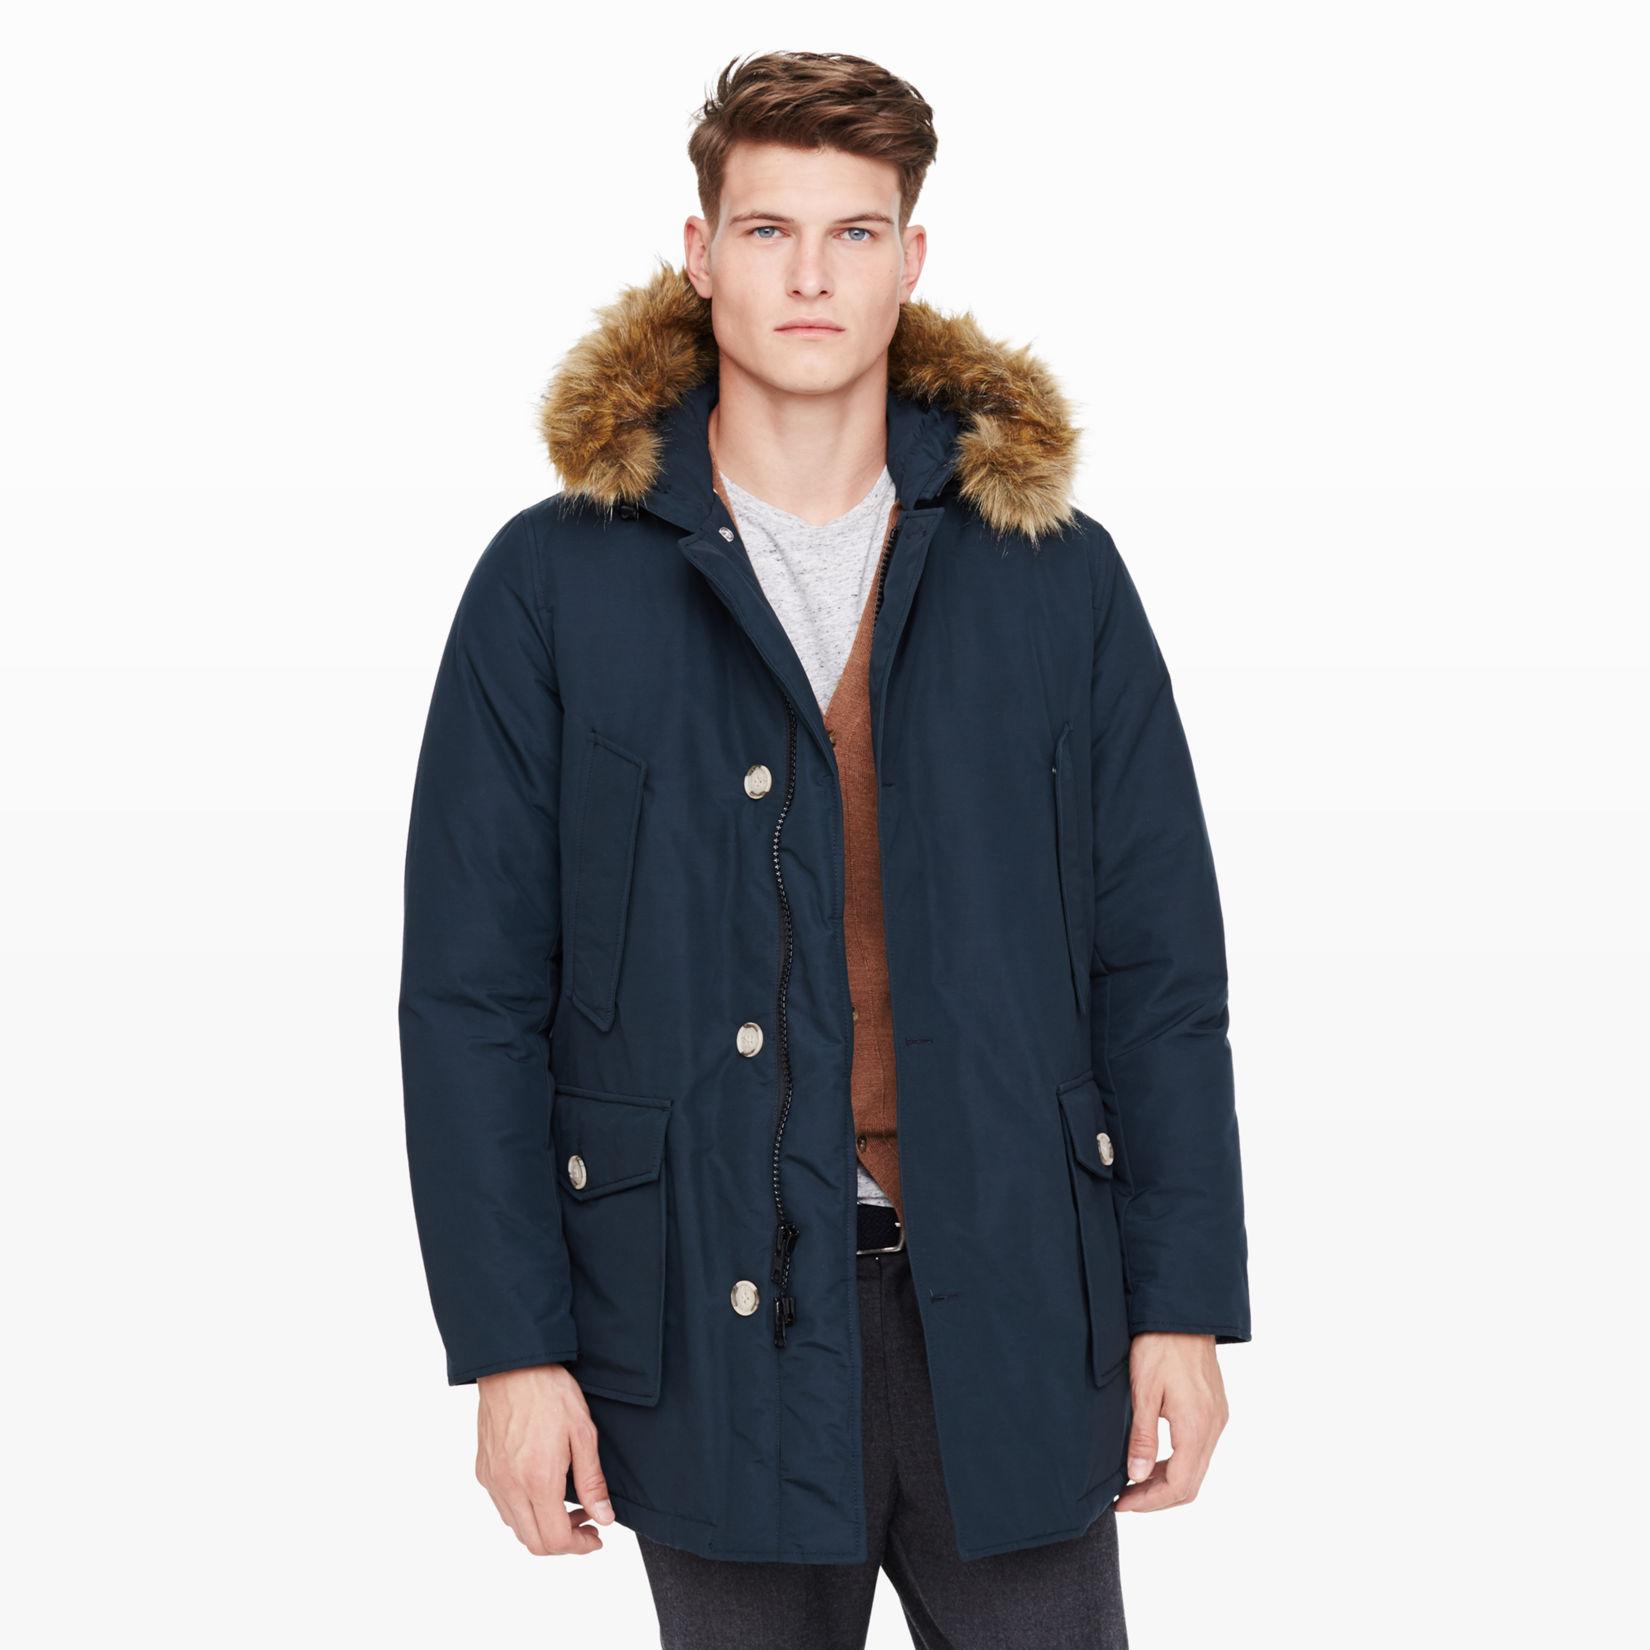 Woolrich Jacken z.B. Arctic Parka für 379 Euro (ca 50% Preisnachlass)